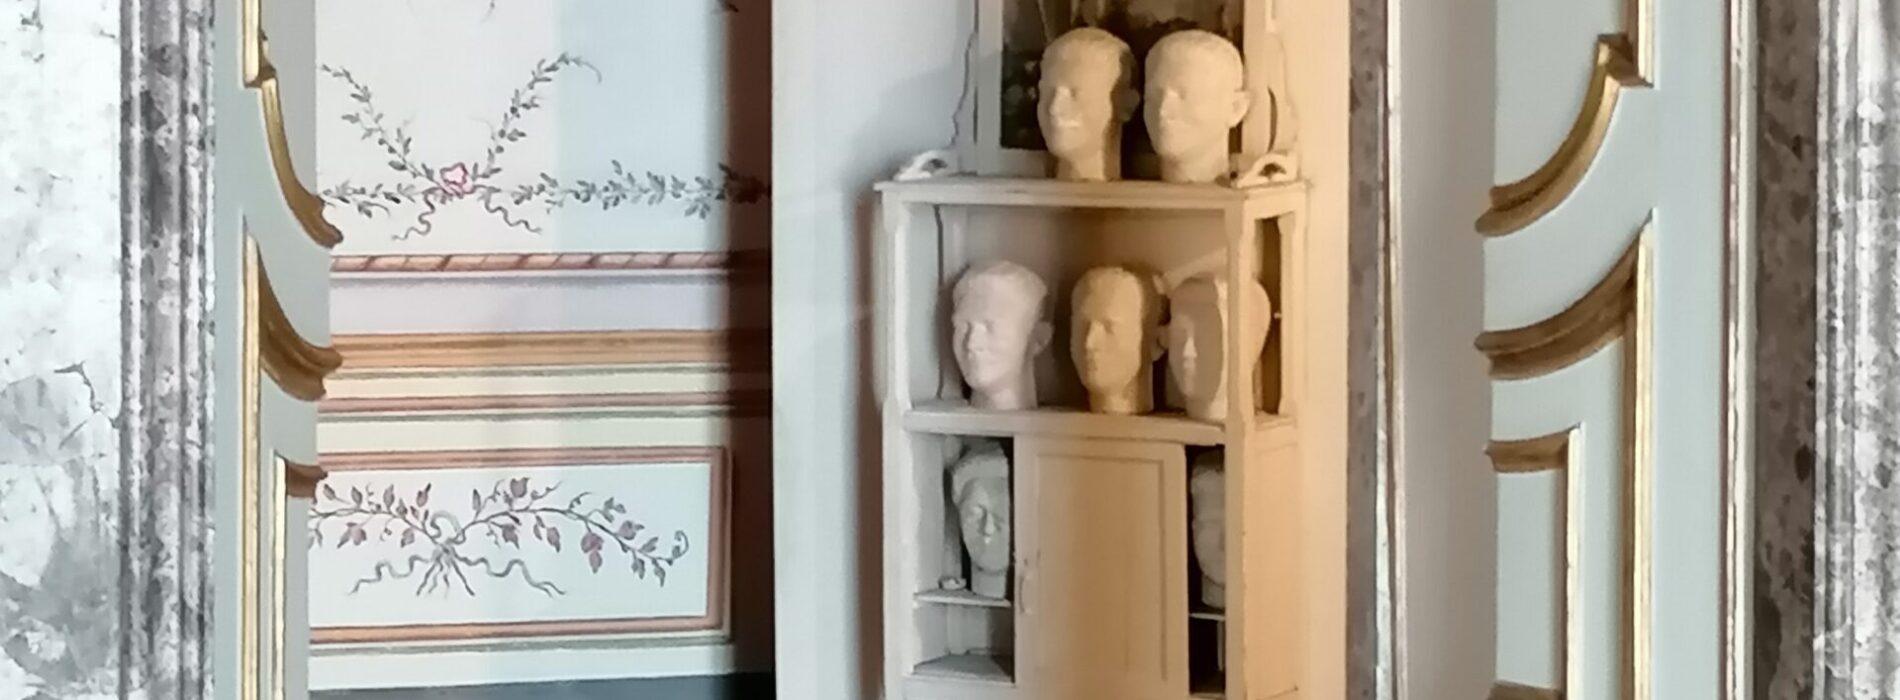 Terrae Motus in appartamento, la collezione nelle stanze reali